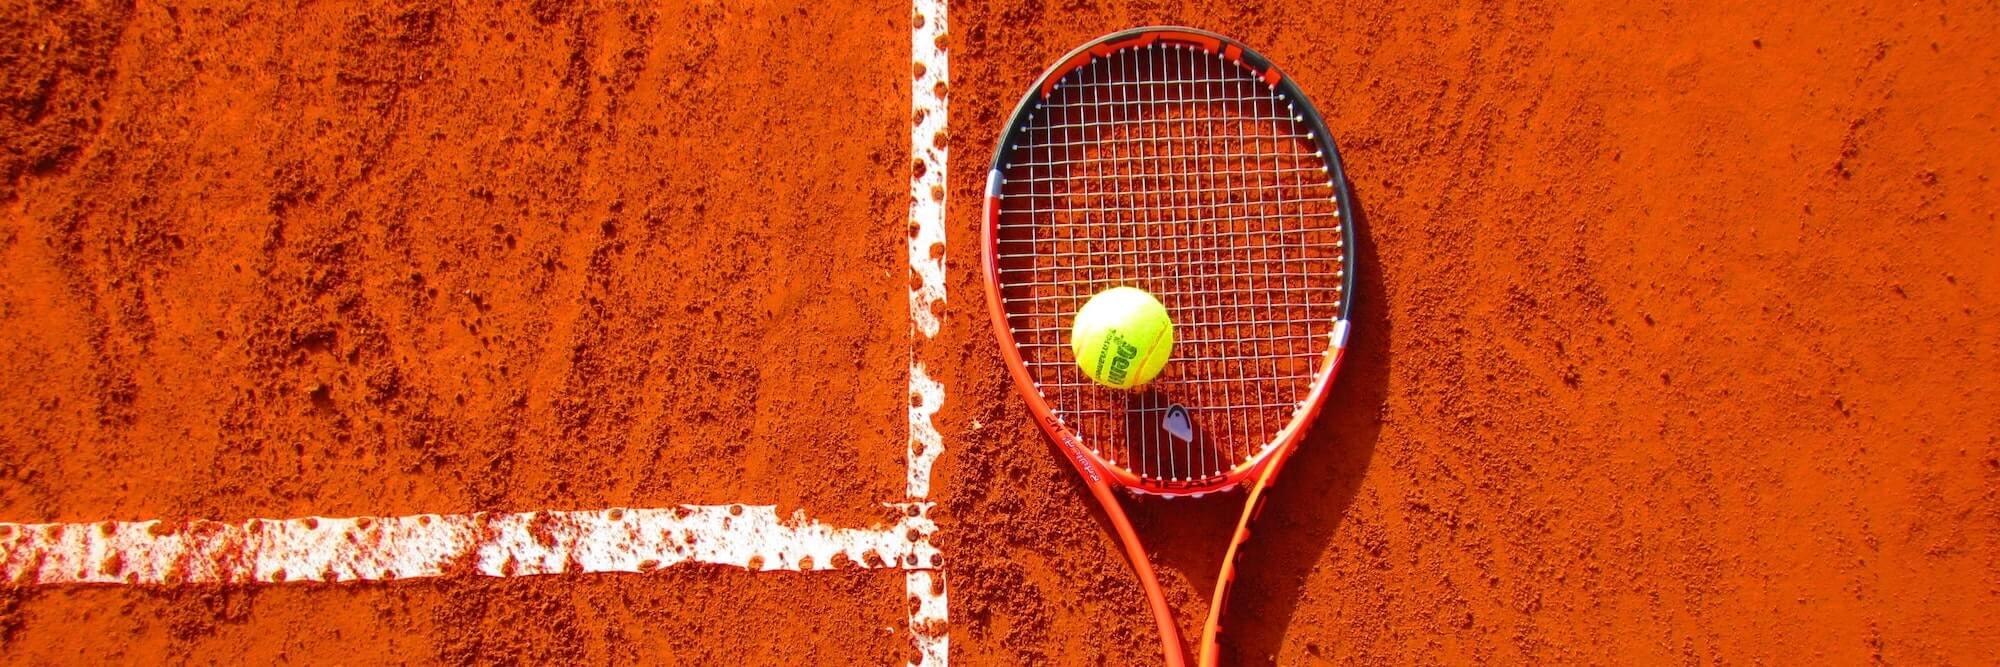 Angebote zur Sport & Bewegung